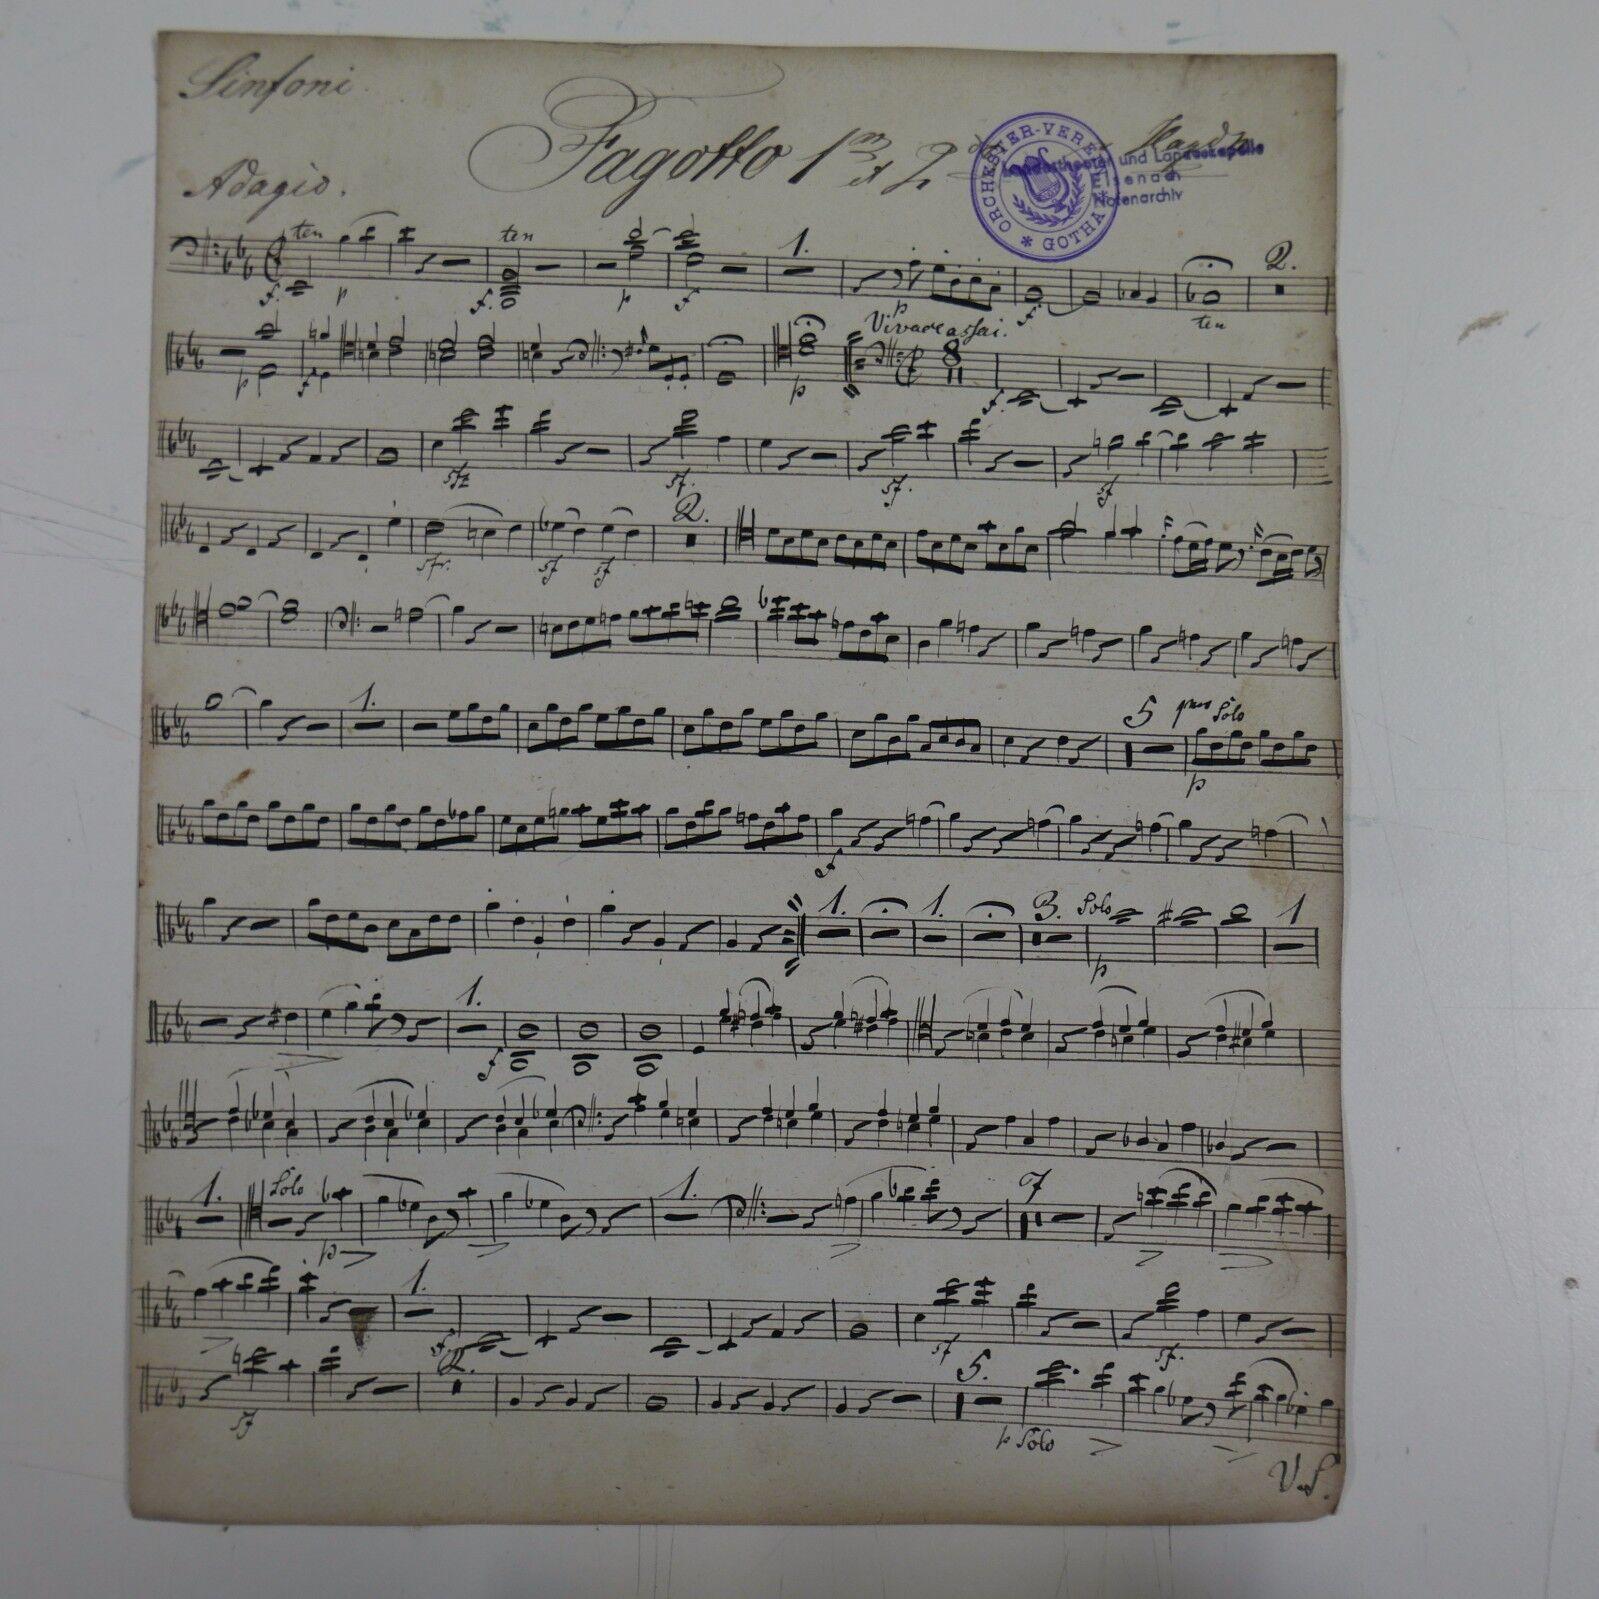 HAYDN symphony 99 , bassoon - fagotto part , antique music manuscript